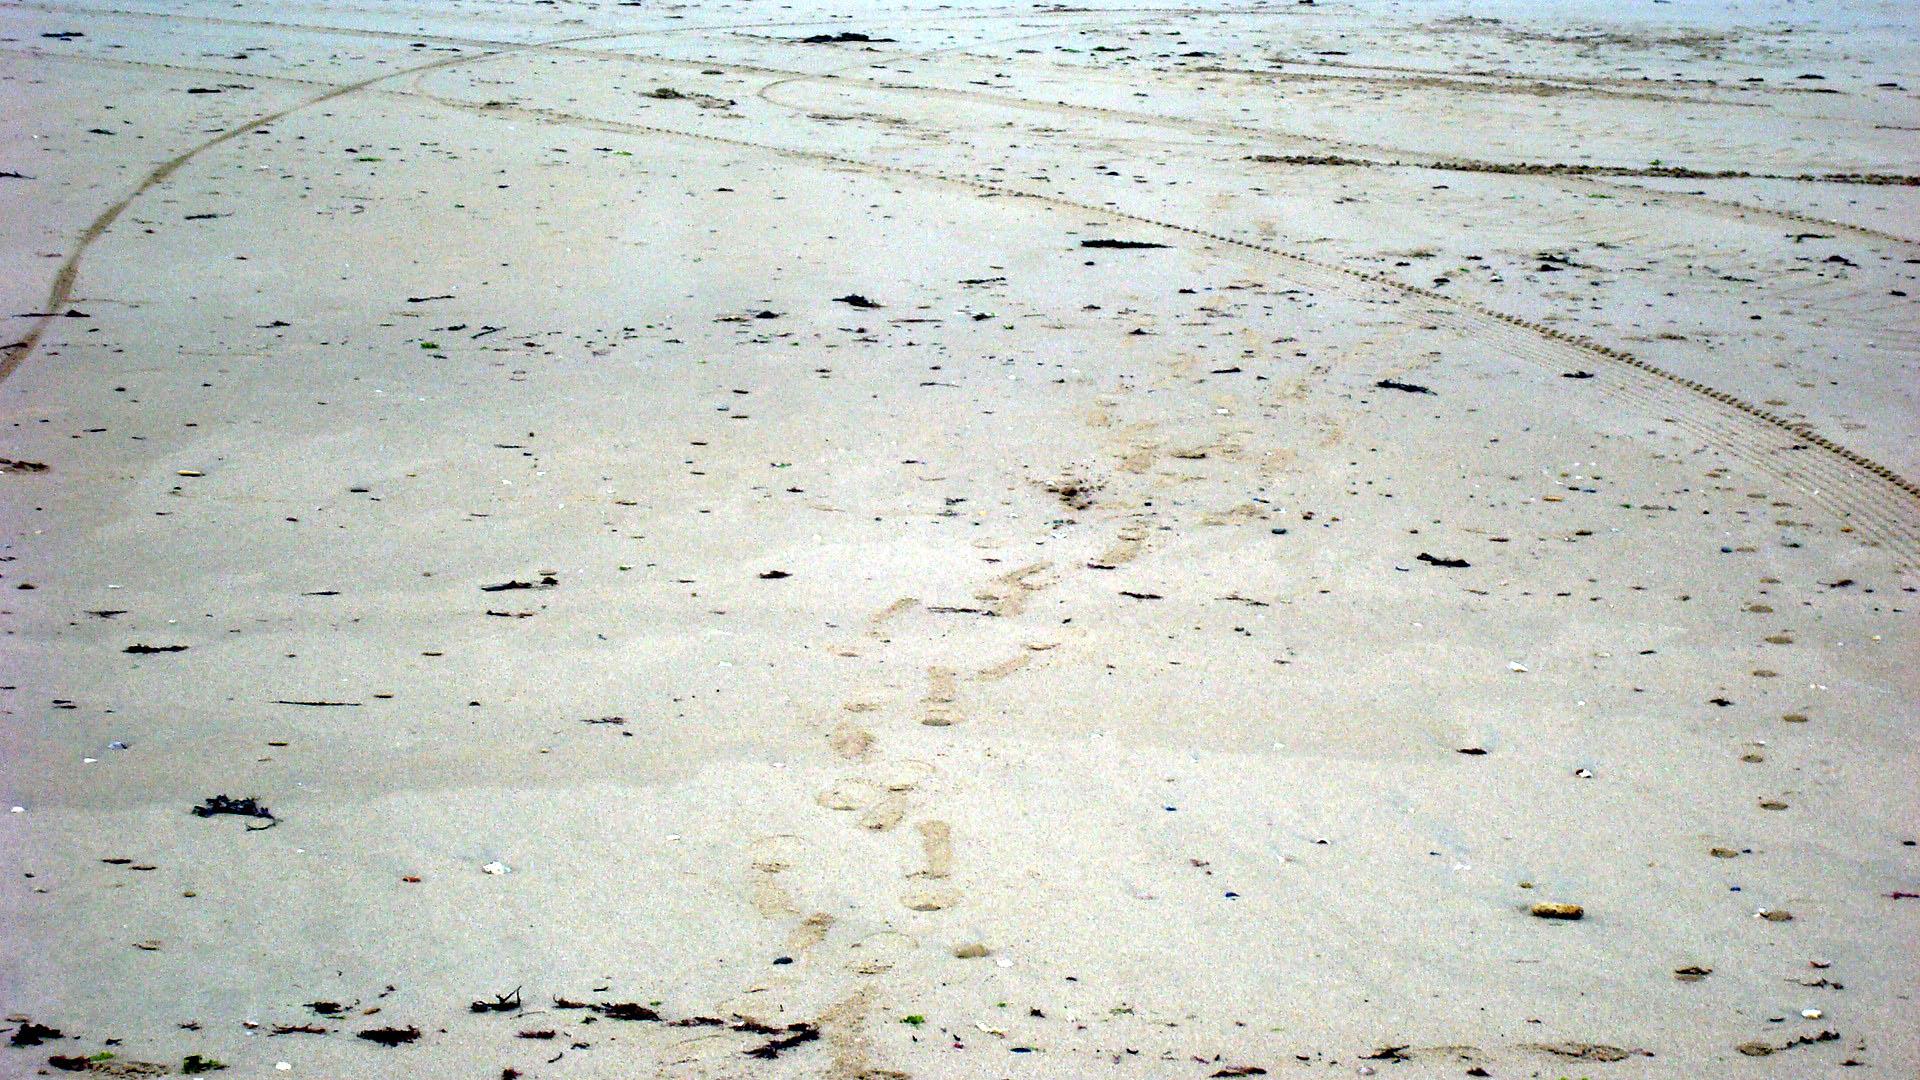 Песок, по которому ты ходила. Блиц: чей след?